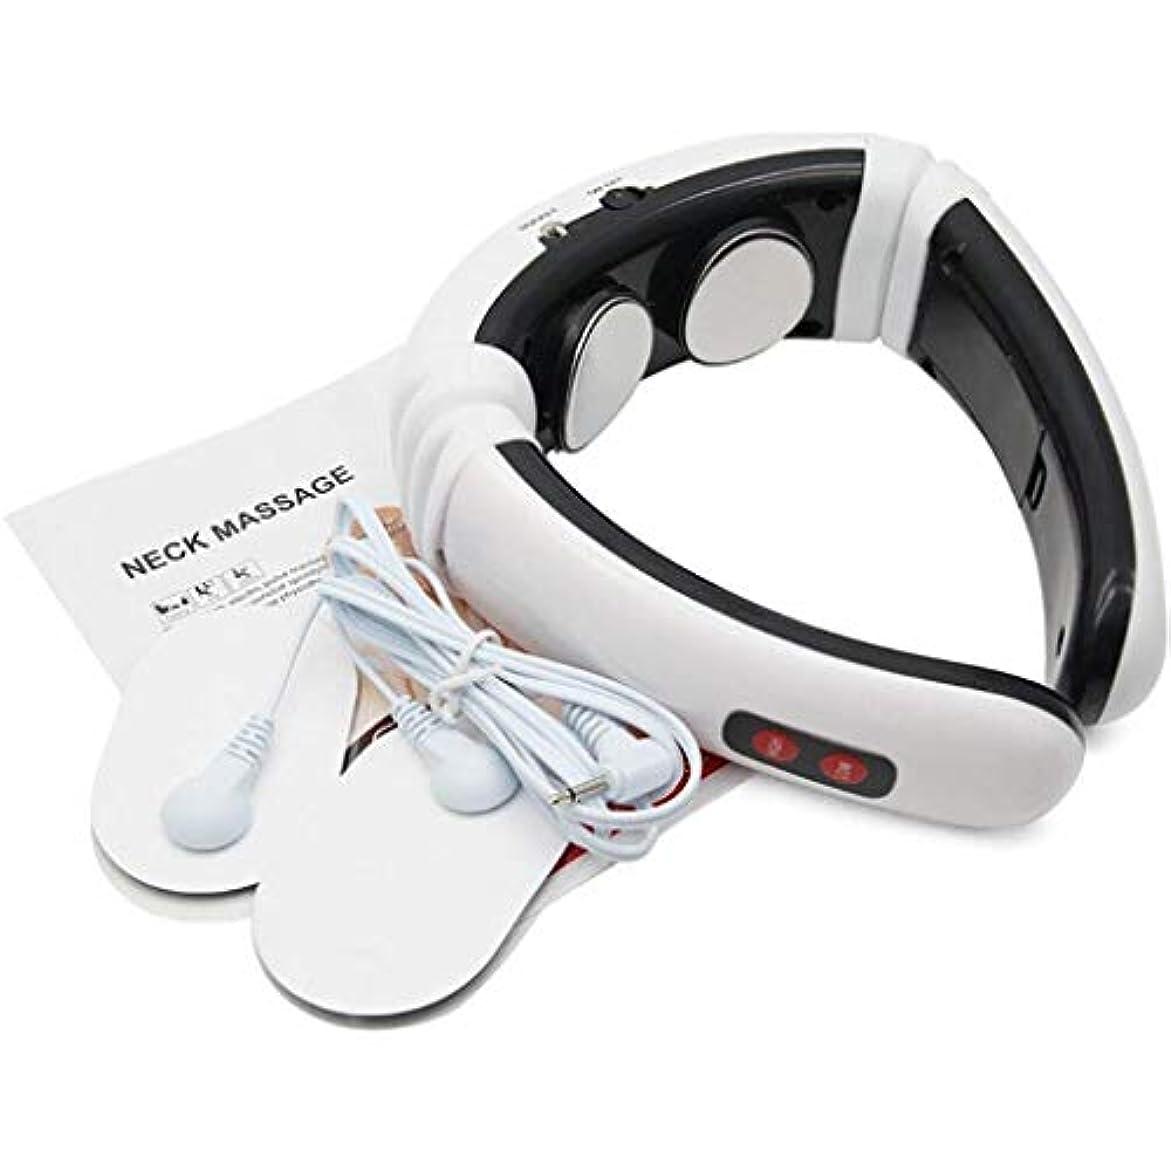 十二余計な代わりのネックマッサージャー、インテリジェント電気子宮頸マッサージ、赤外線マッサージは、痛みを和らげる、プレッシャーをリラックス